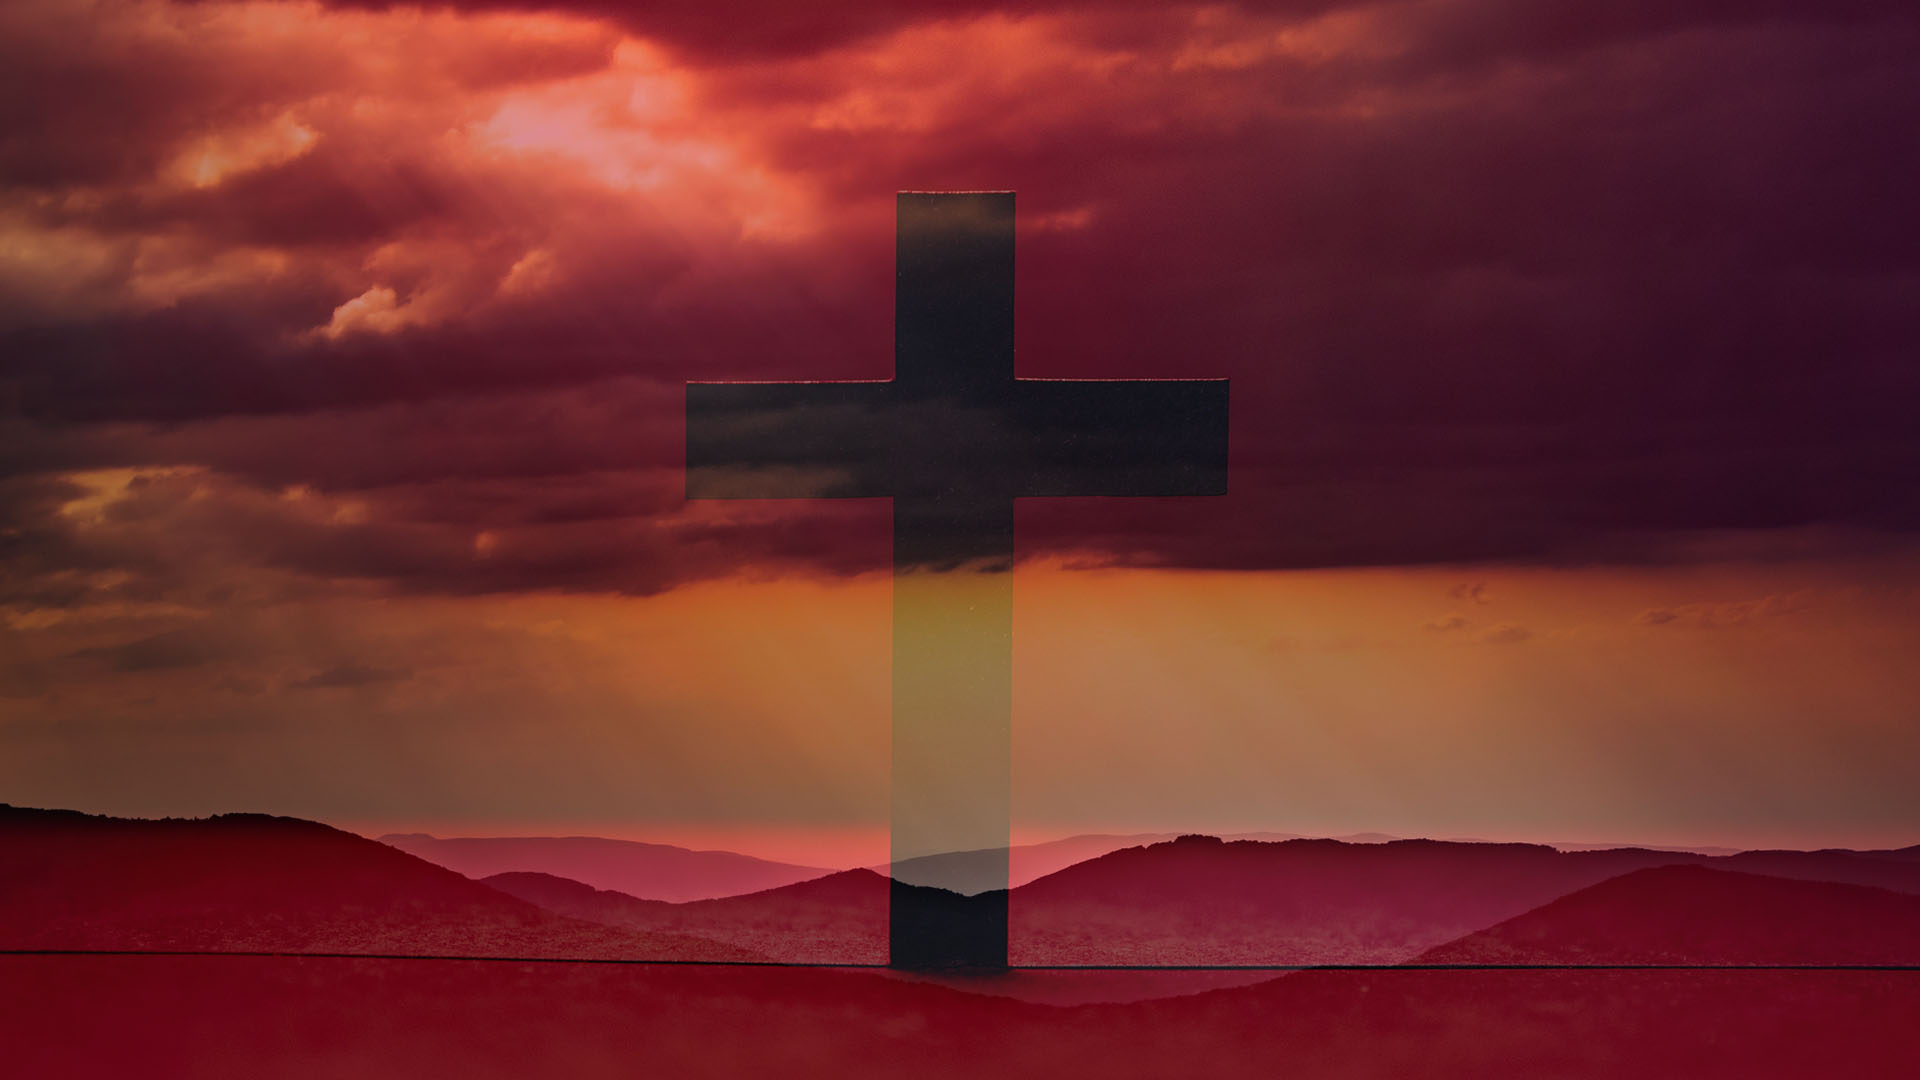 крест. религия и слепая вера